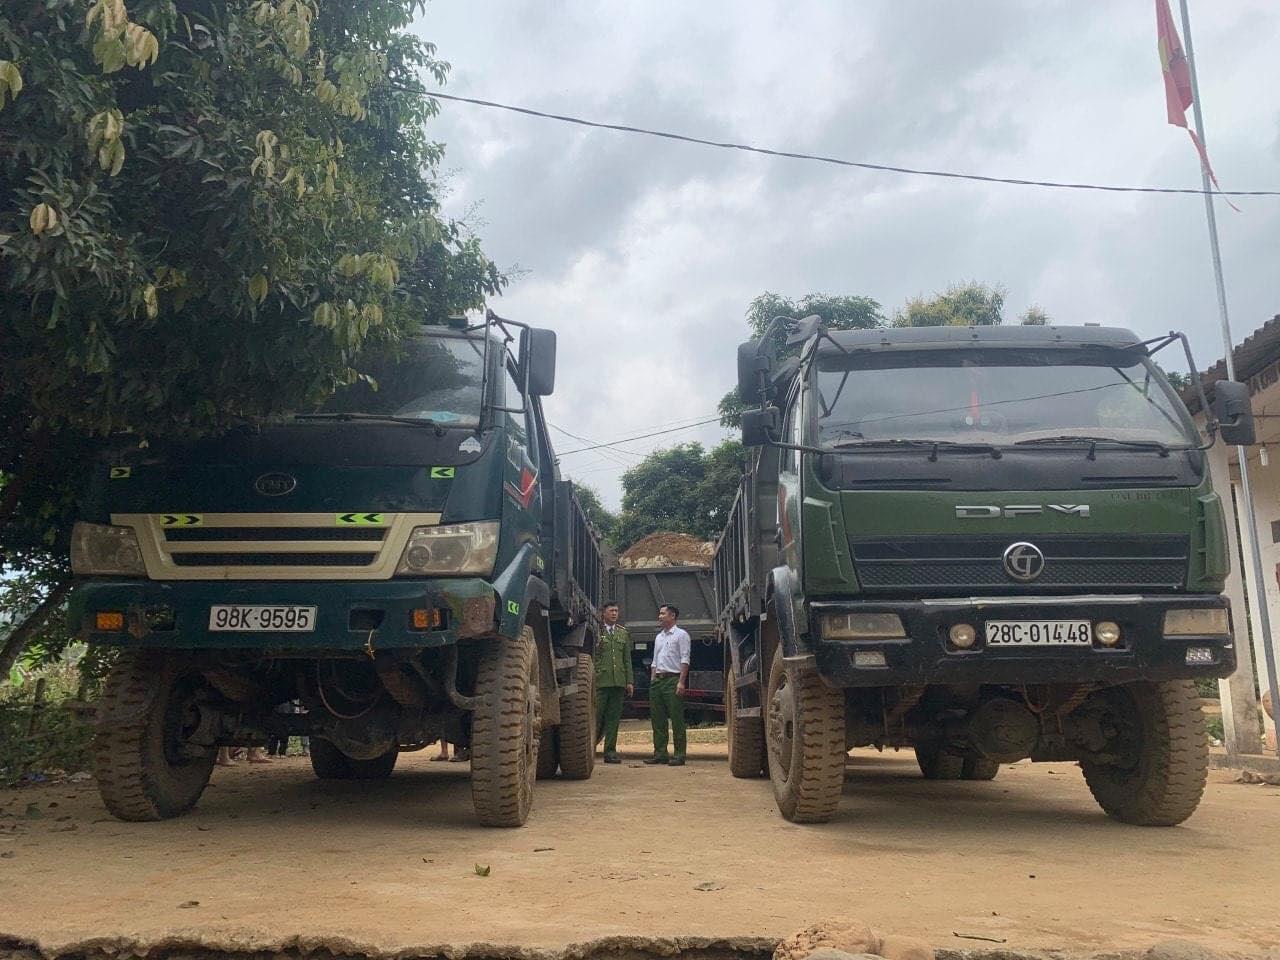 Phú Thọ: Bắt 4 ô tô vận chuyển khai thác đá mỹ nghệ trái phép - Ảnh 1.